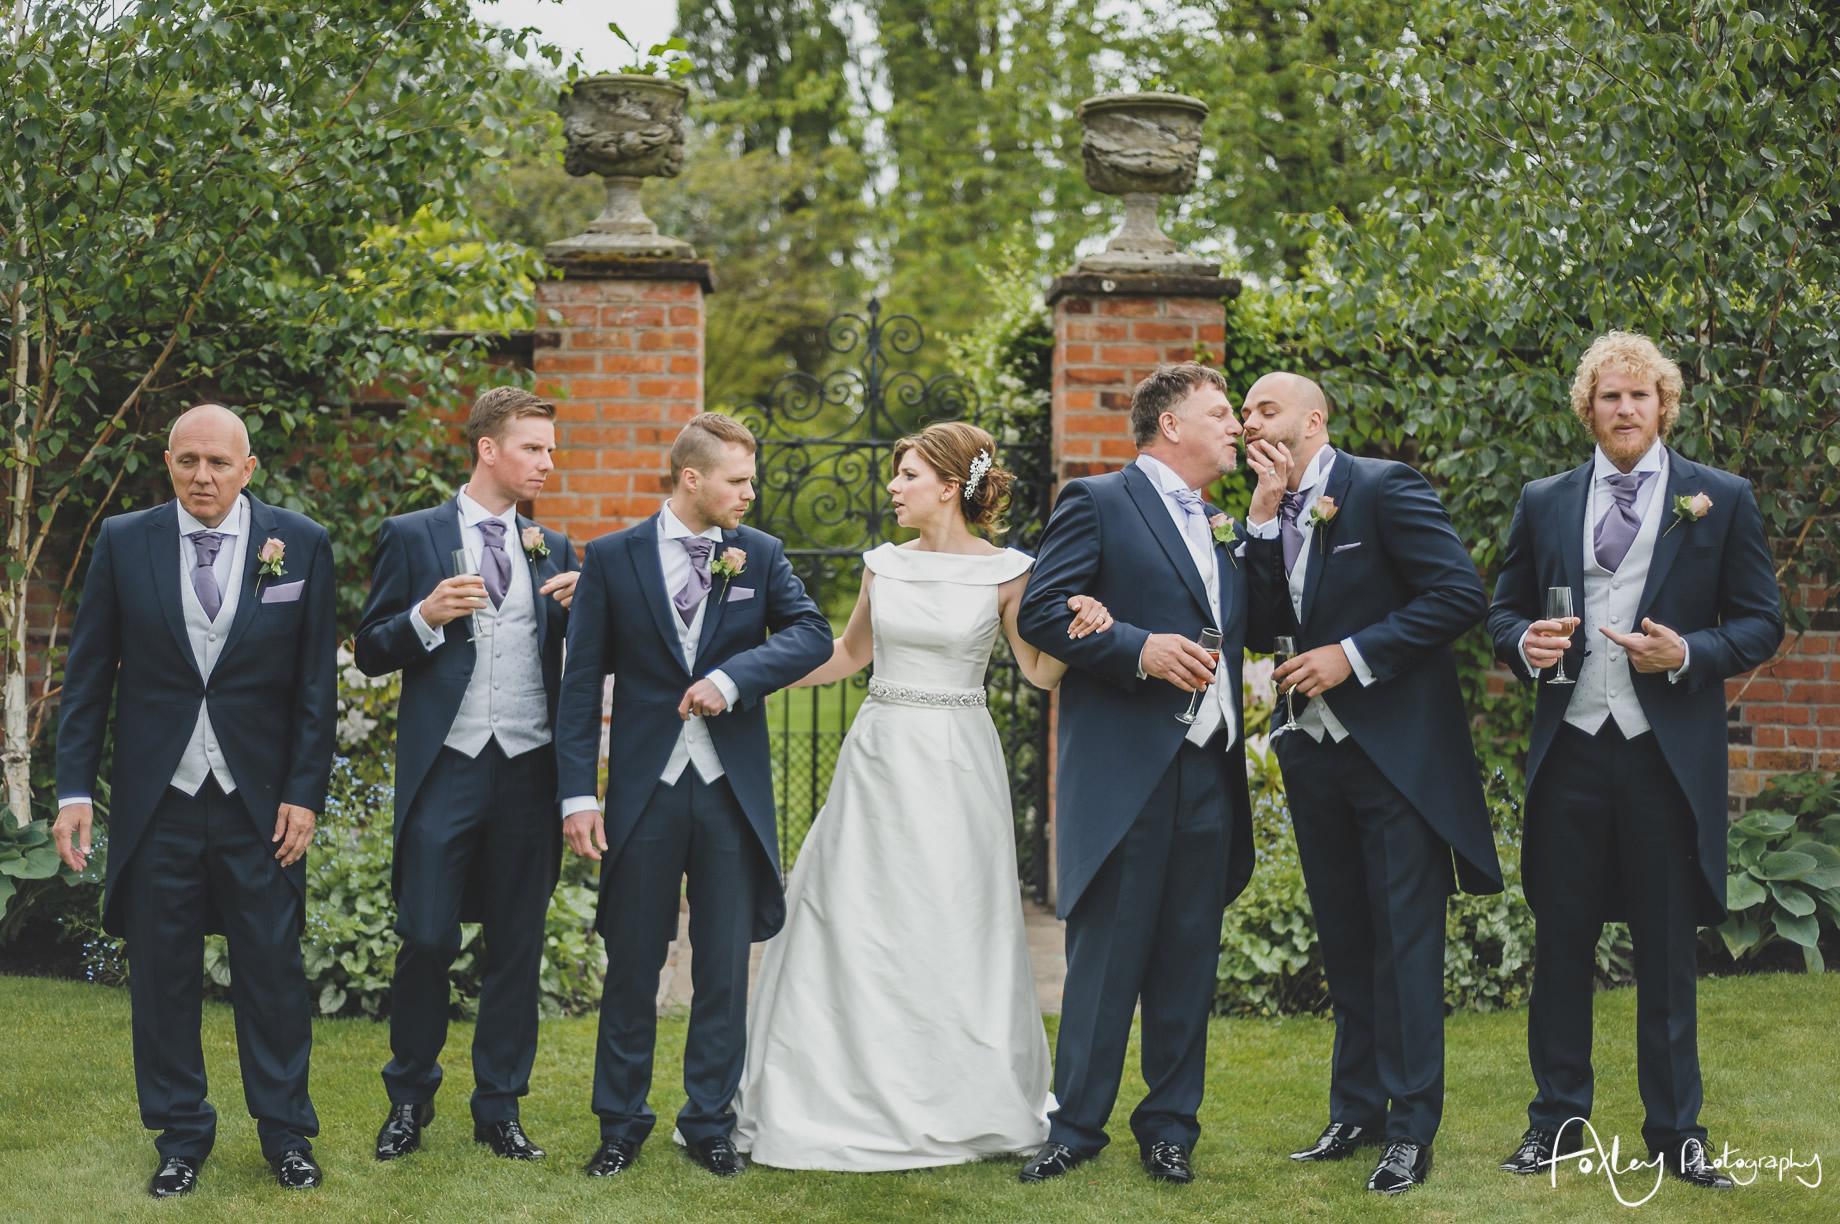 Simona-and-Robert-Wedding-at-Colshaw-Hall-116